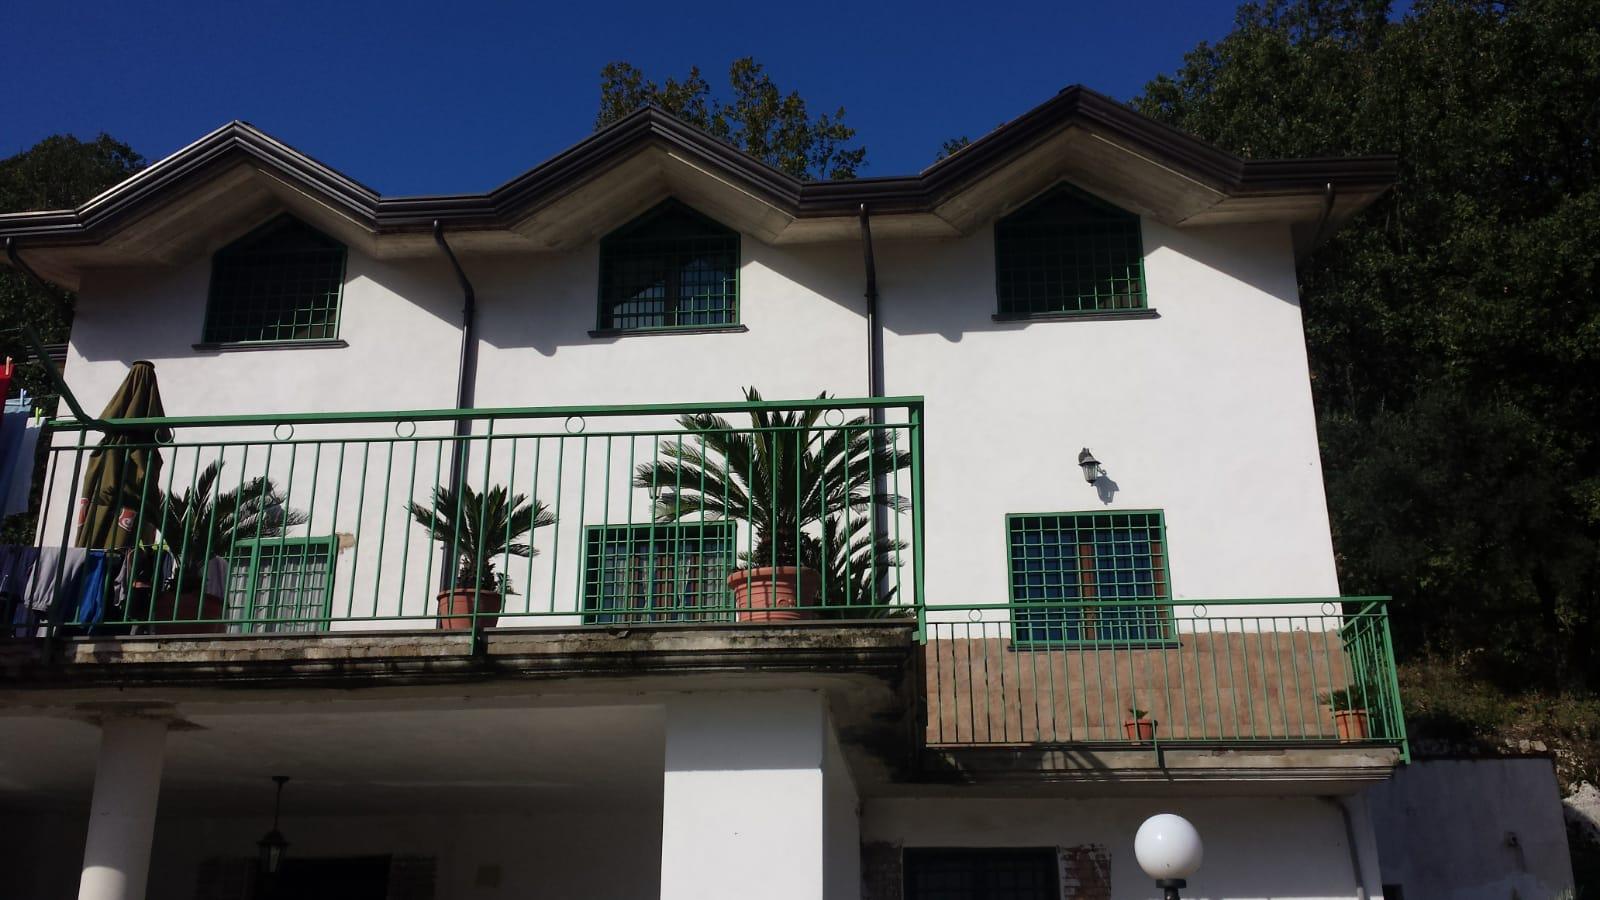 Villa indipendente con terreno di circa 2000 mq a Montoro